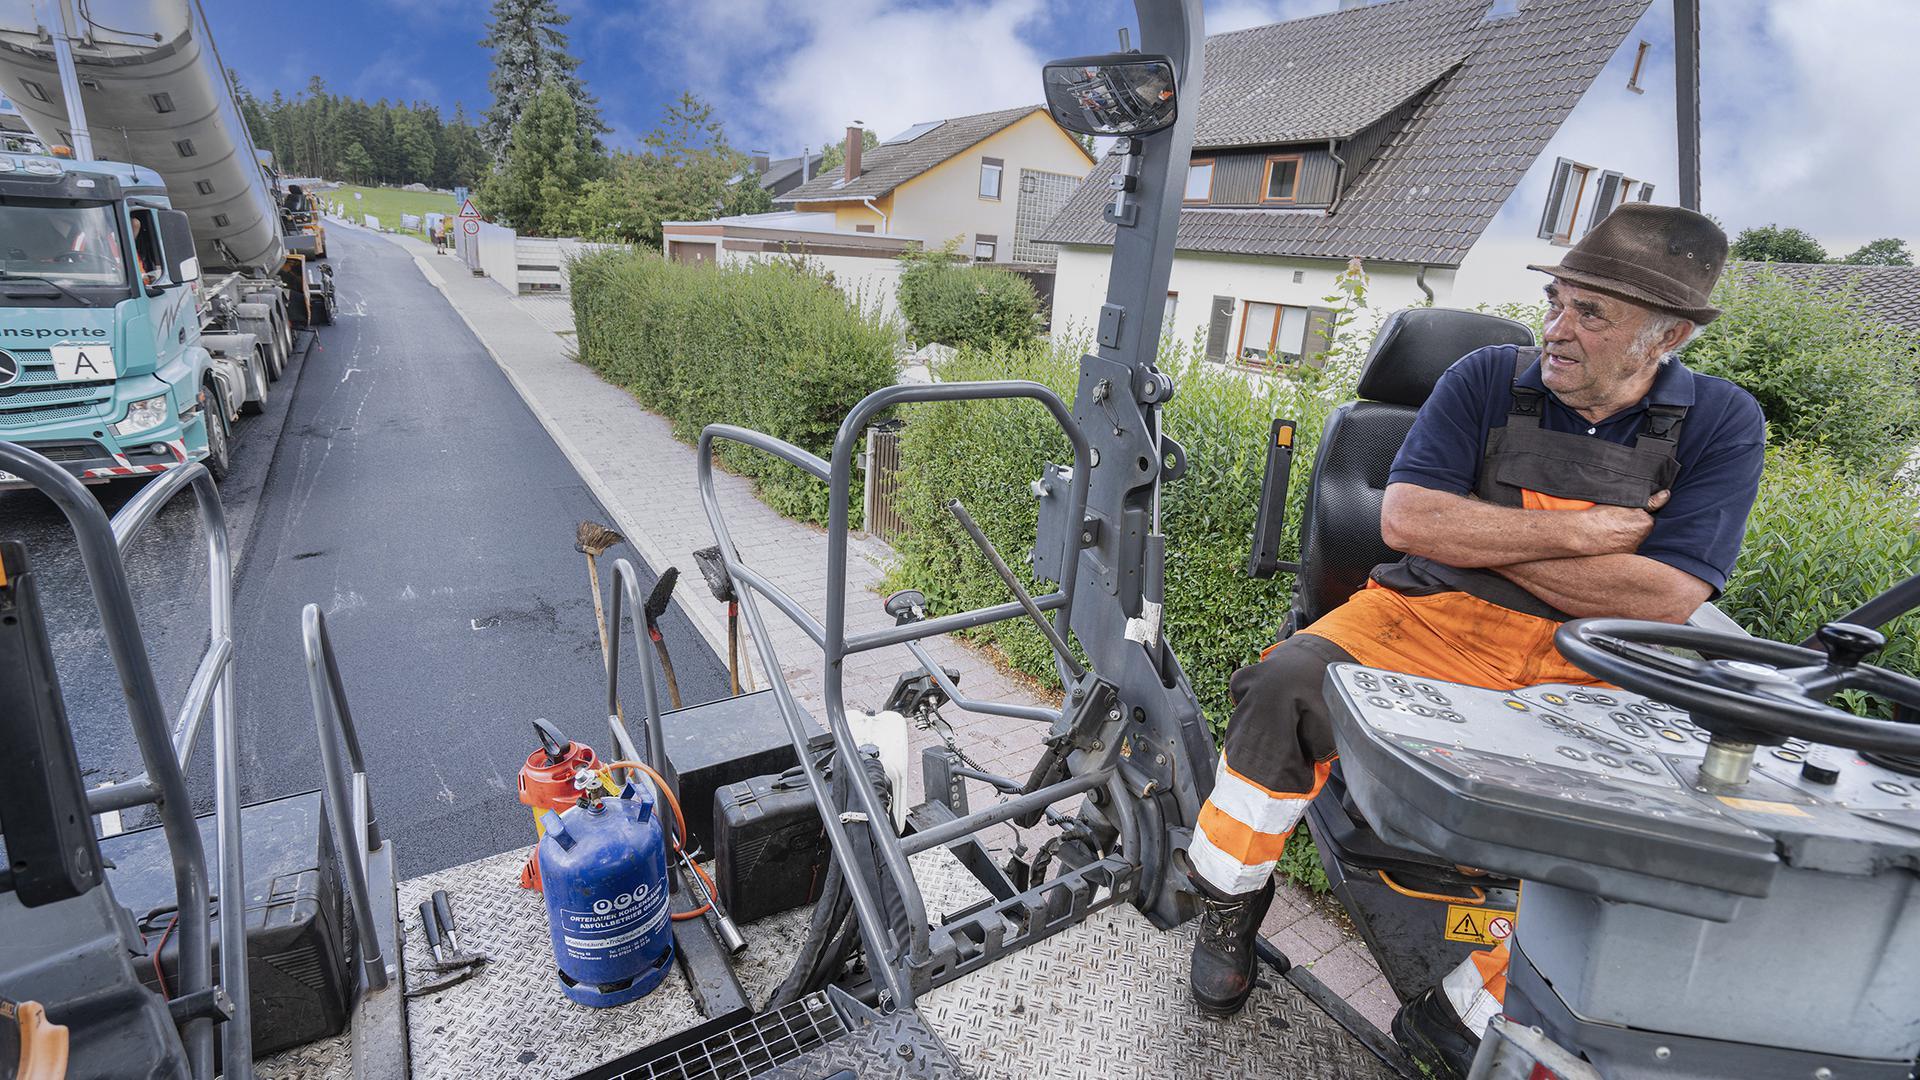 Endspurt: Am Freitag wird auf der Ortsdurchfahrt in Salmbach der restliche Asphalt-Endbelag aufgetragen. Am Samstag sollen die Bewohner die Straße wieder befahren können.